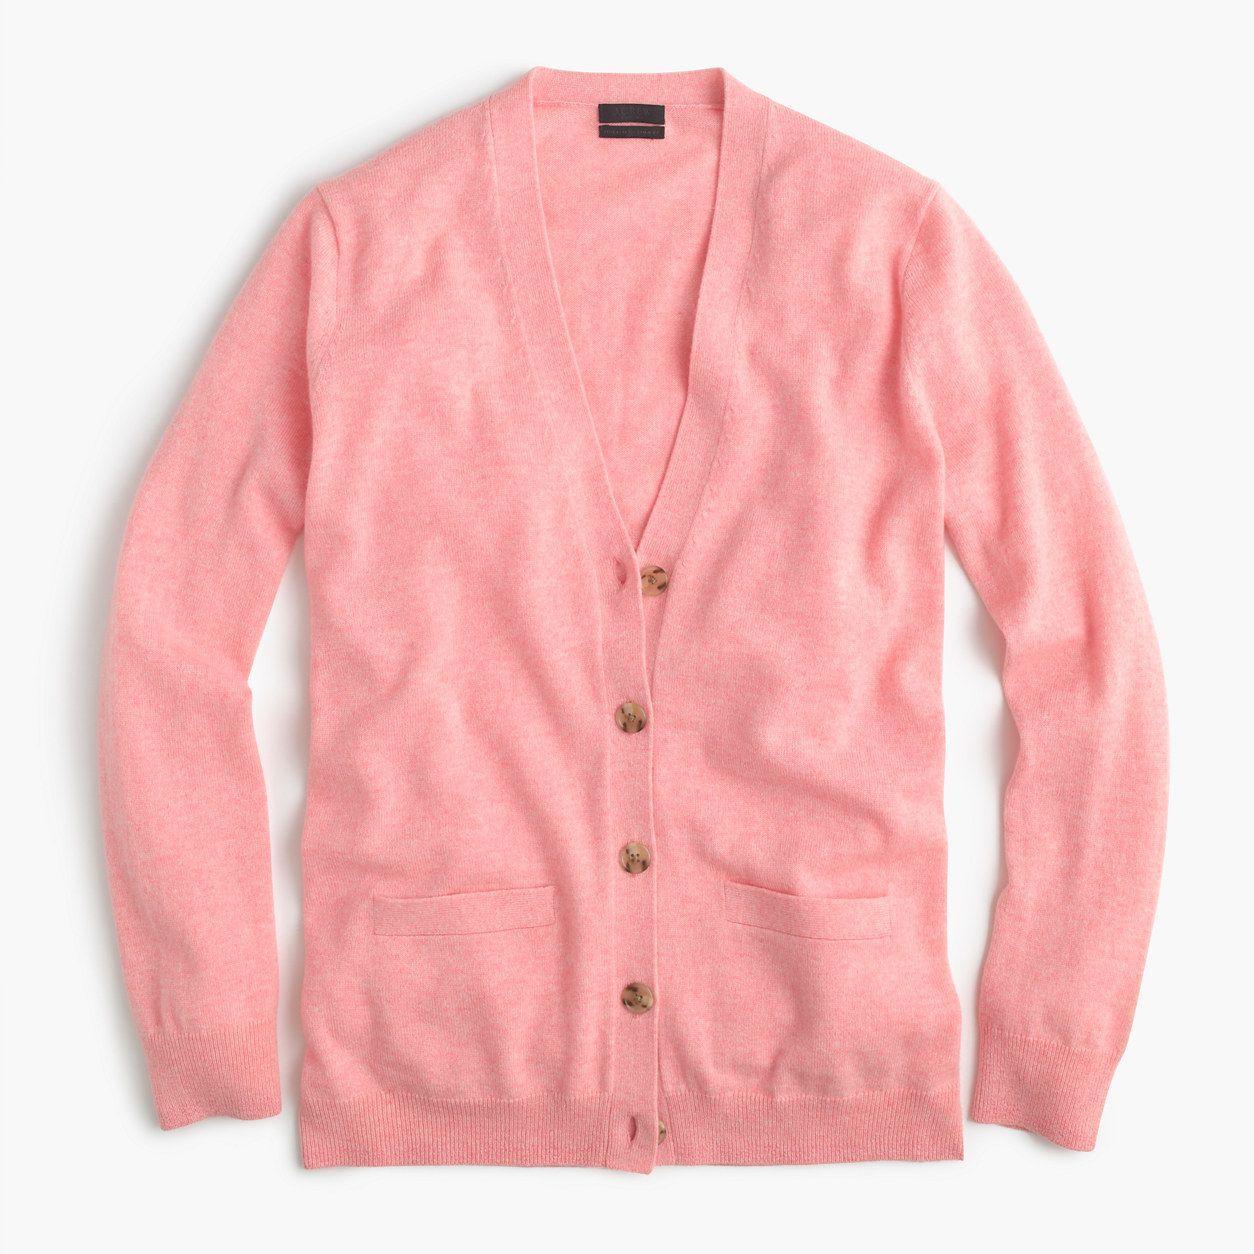 J.Crew Womens Italian Cashmere Boyfriend Cardigan Sweater (Size X ...